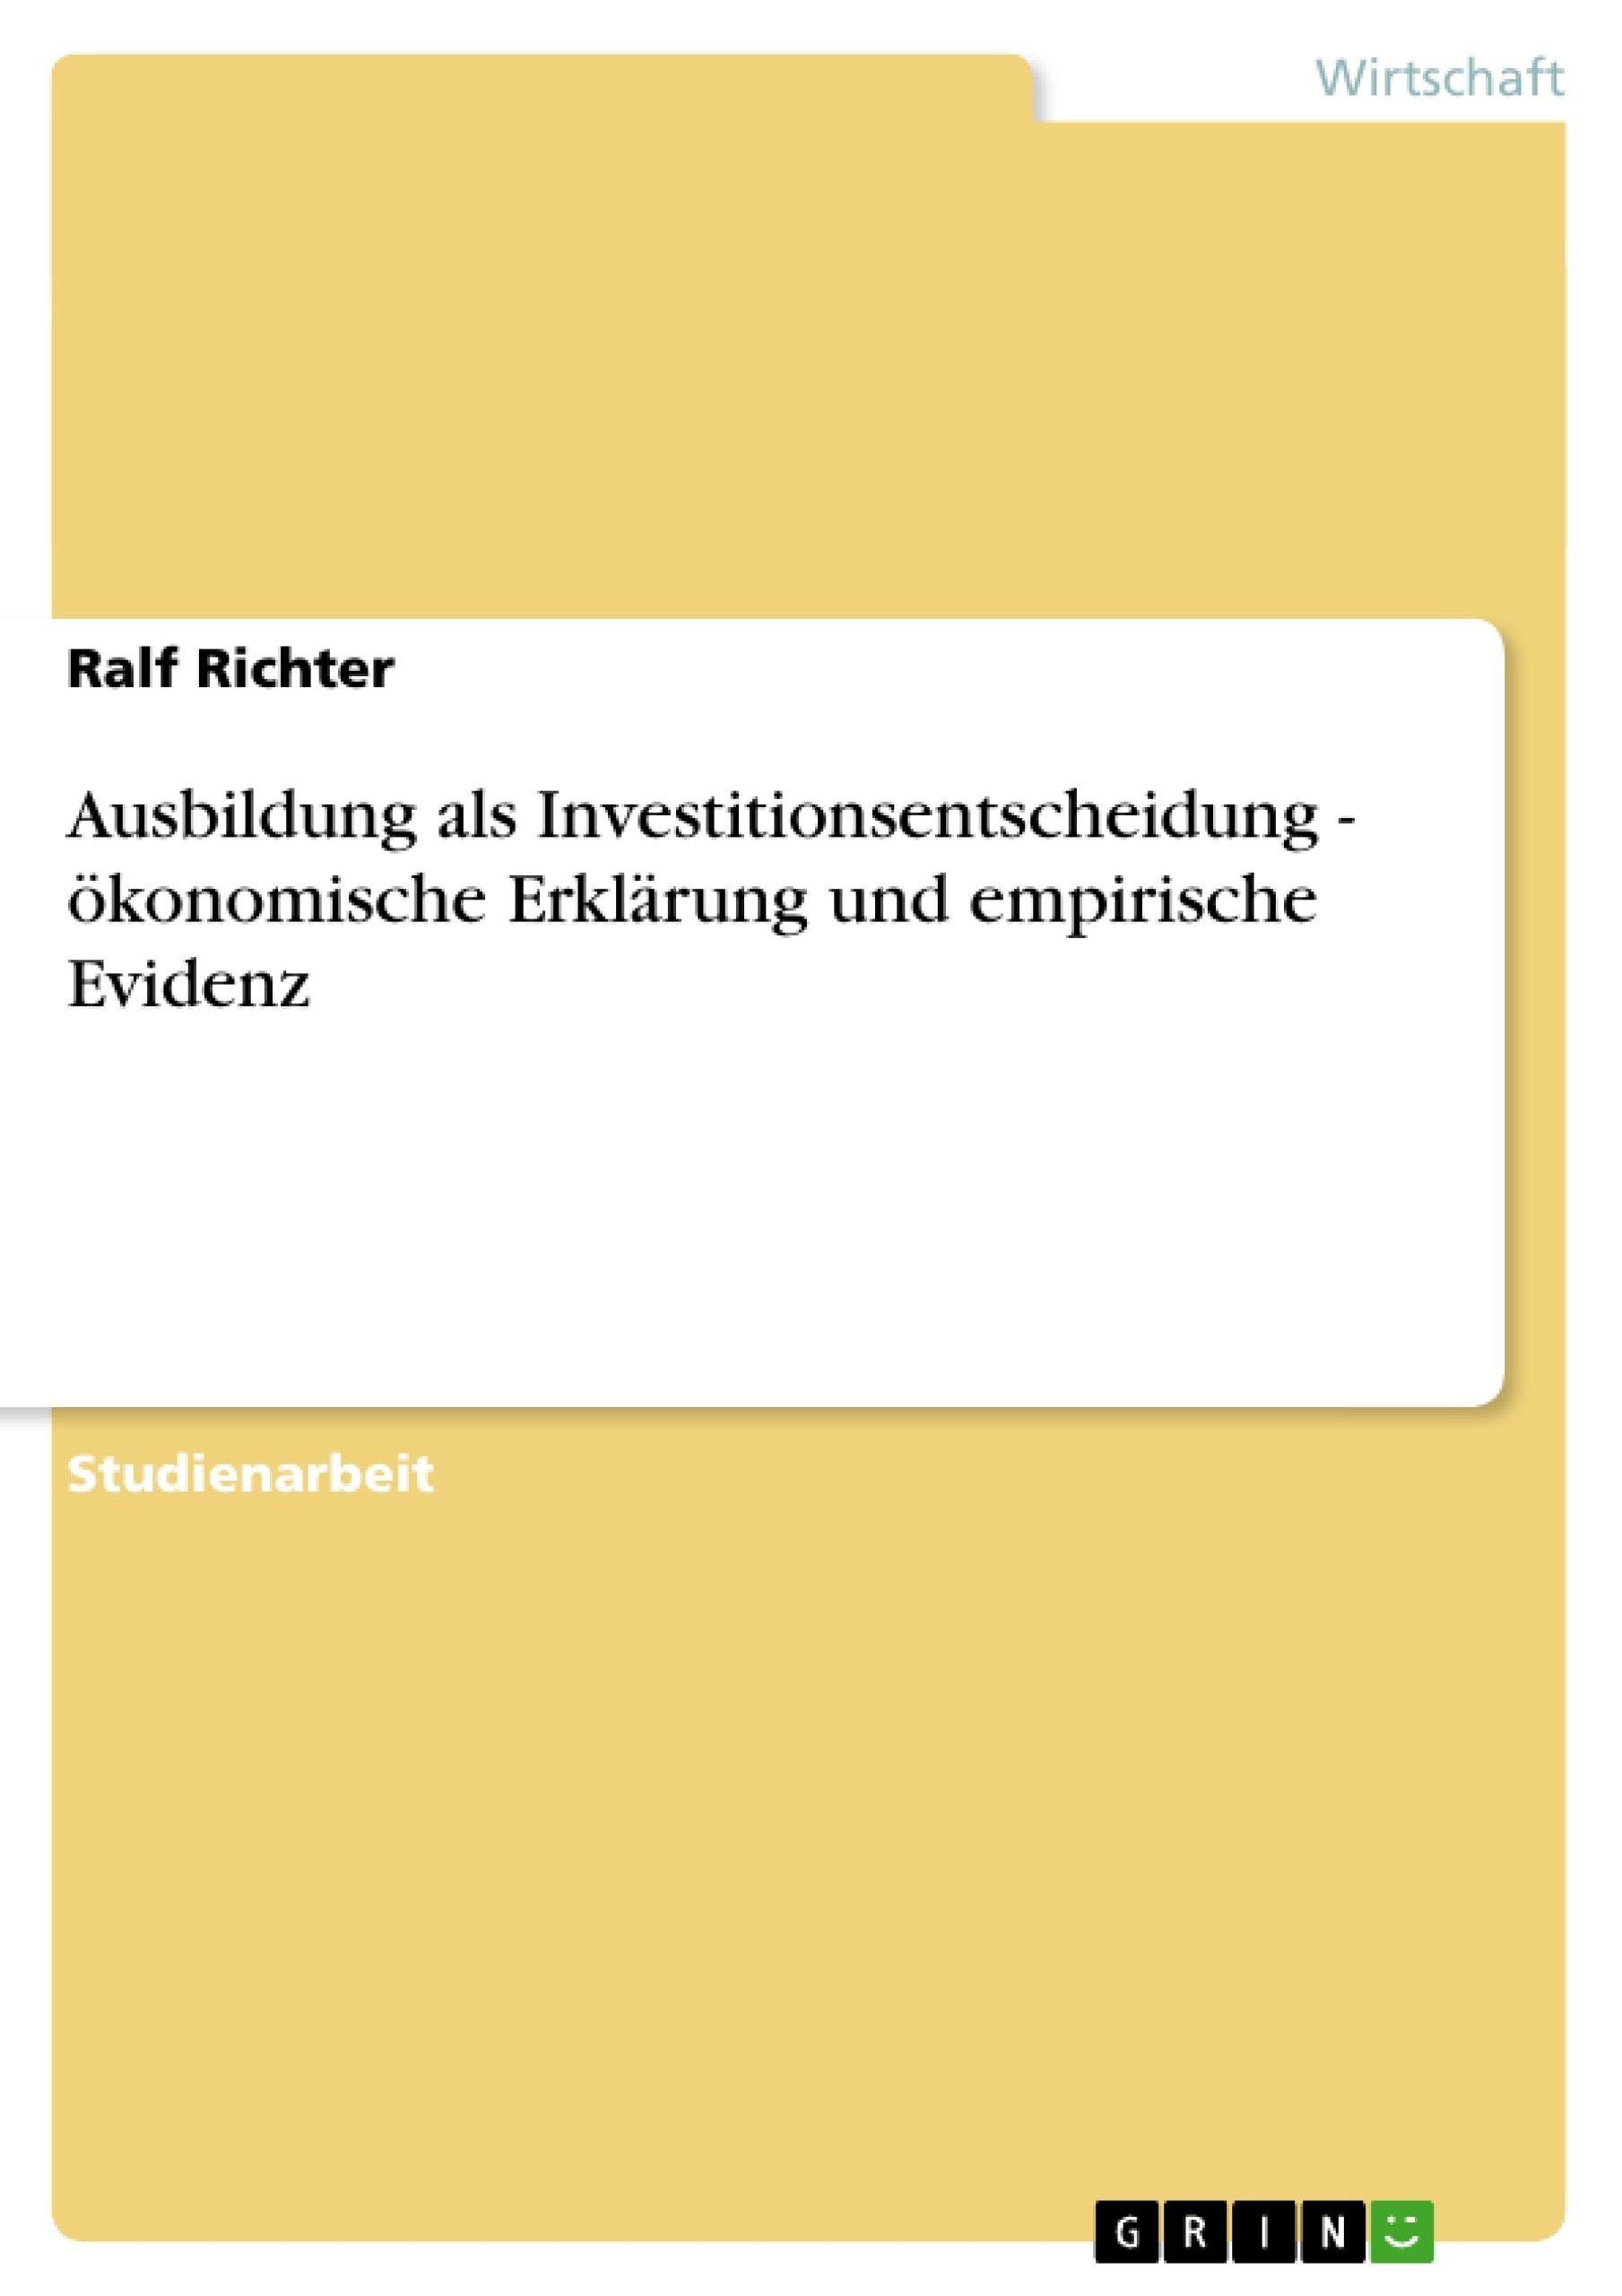 Titel: Ausbildung als Investitionsentscheidung - ökonomische Erklärung und empirische Evidenz